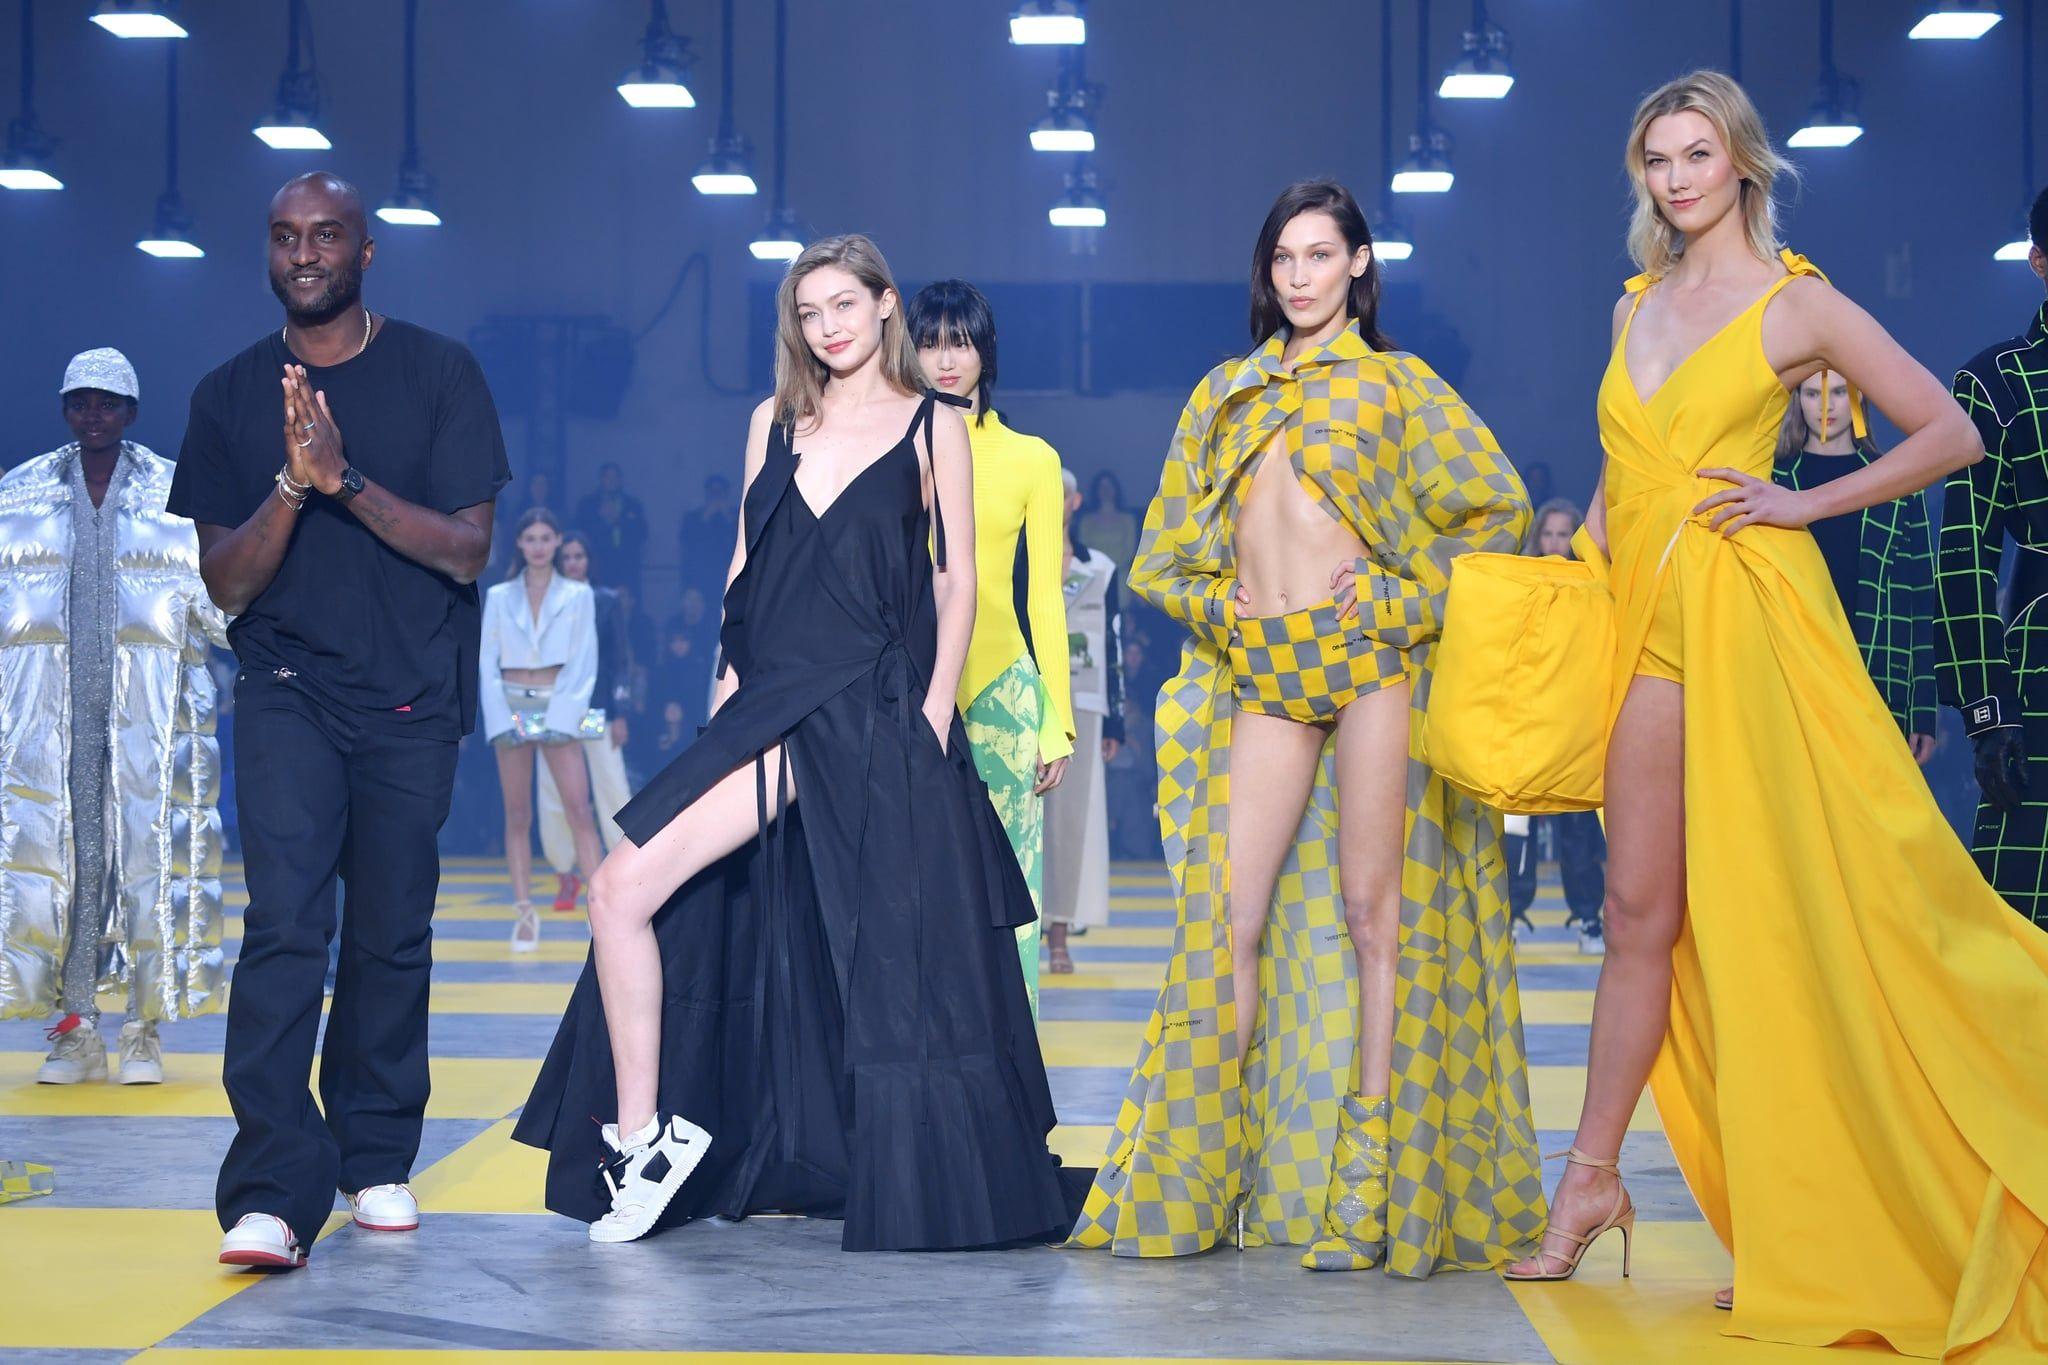 Điểm tin thời trang: Gucci sẽ mang BST Cruise 2020 trở lại Rome 6